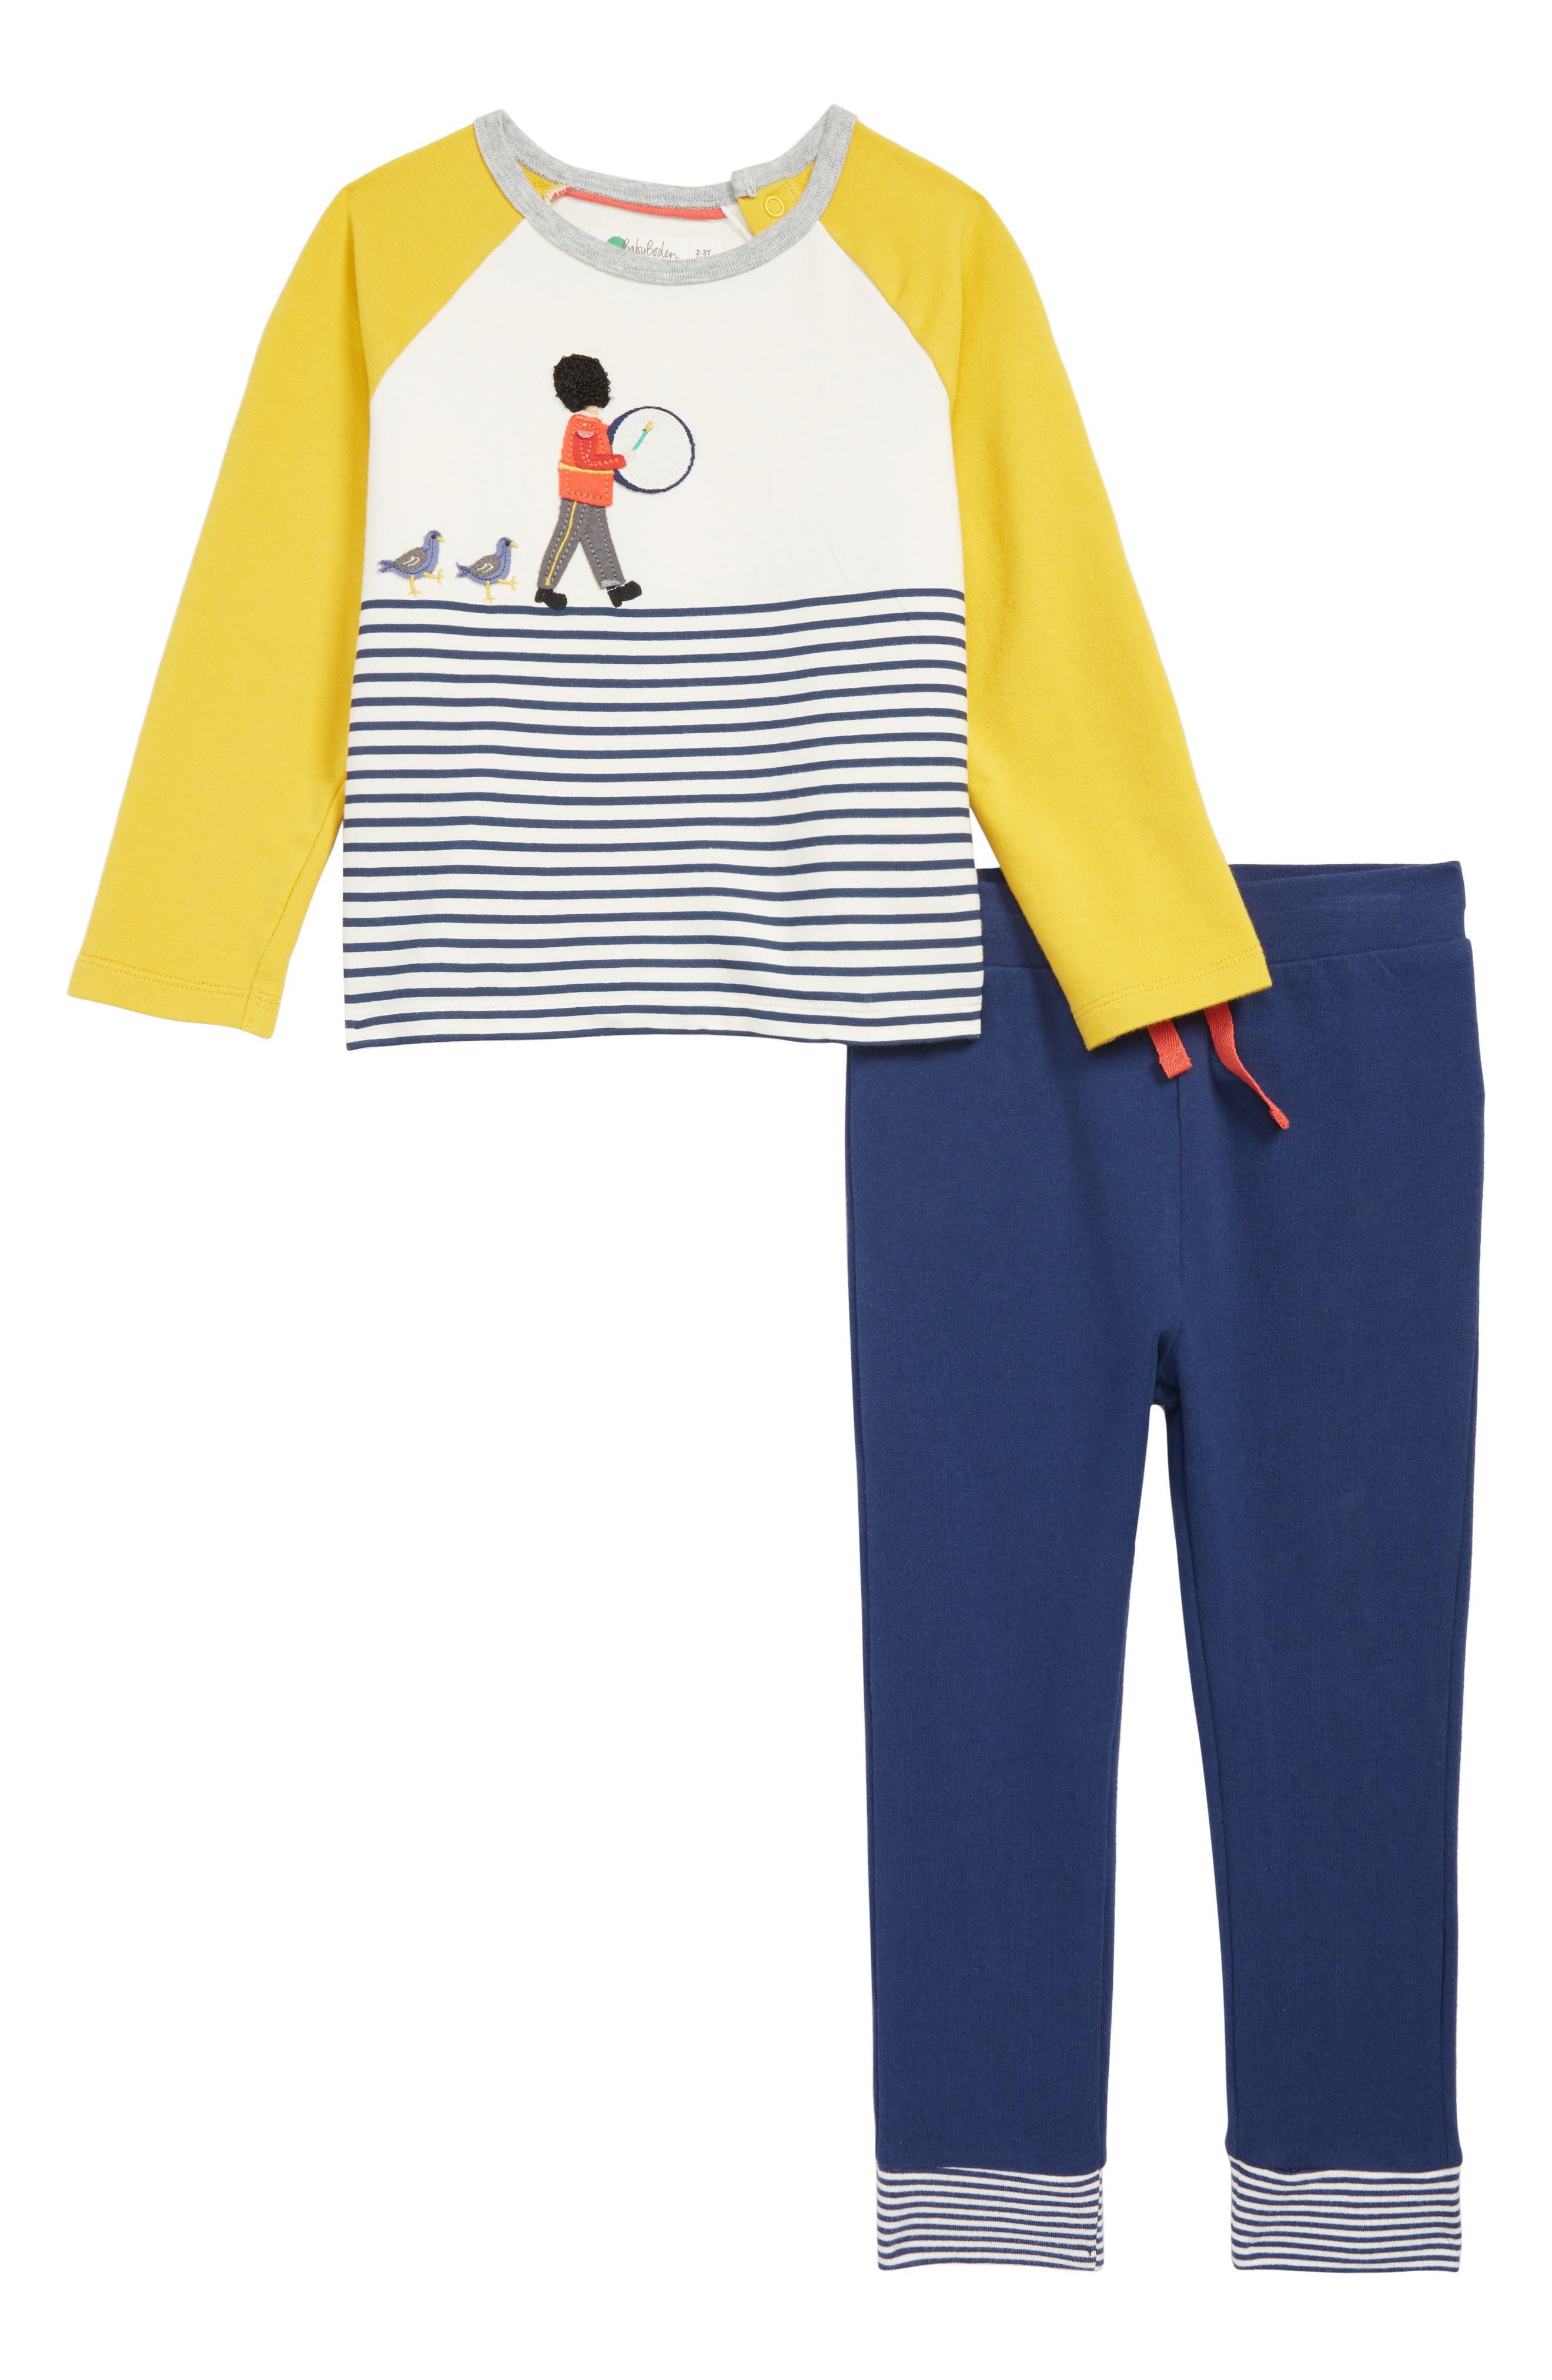 Fun Jersey Appliqué T-Shirt & Pants Set,                             Main thumbnail 1, color,                             MBL ECRU/ COLLEGE BLUE SOLDIER